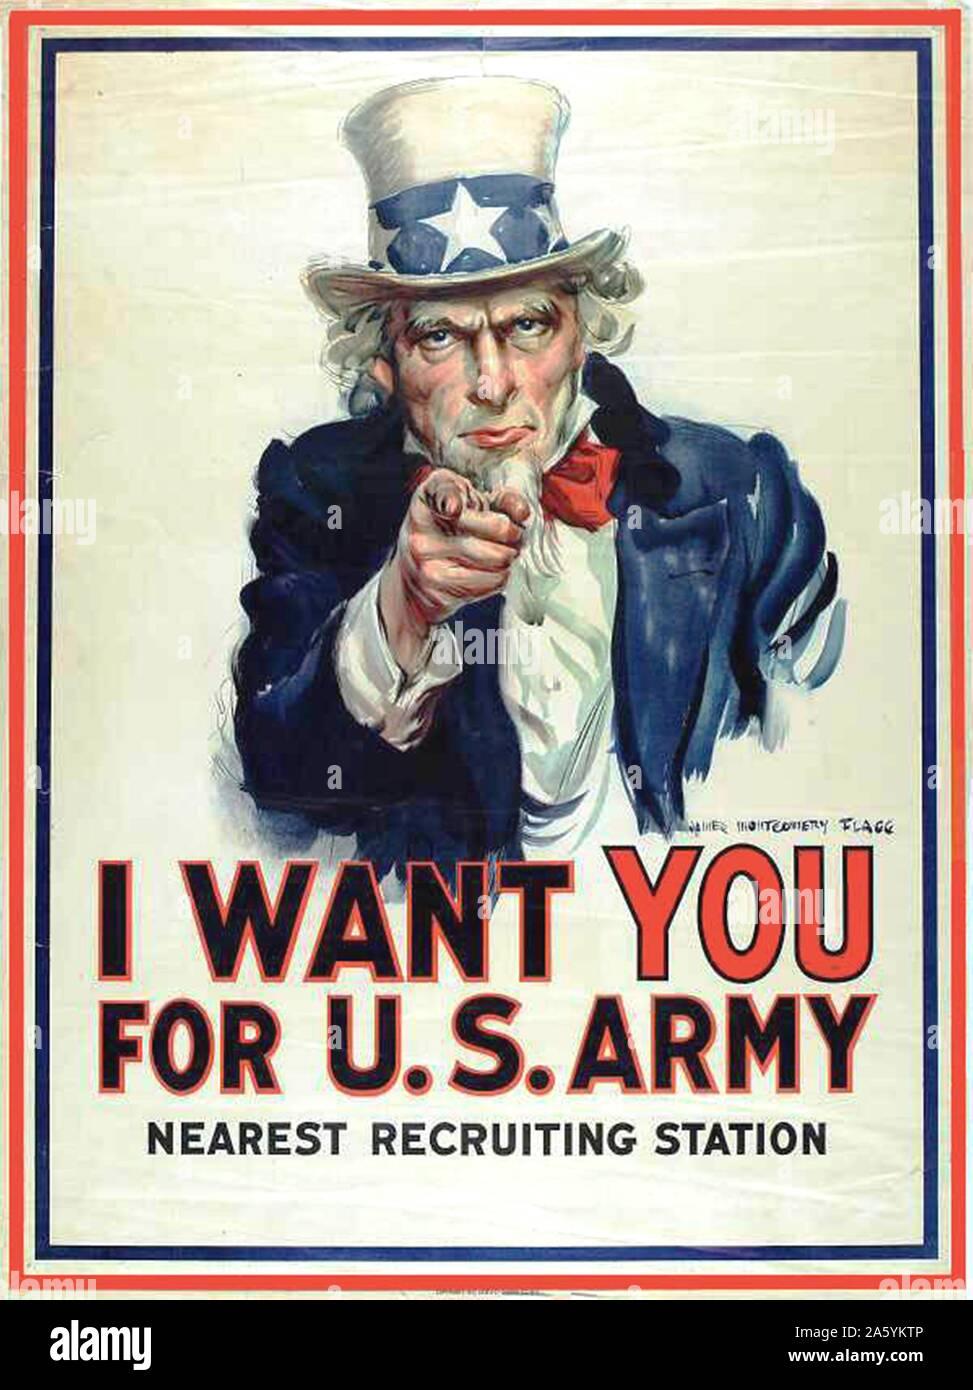 'Je veux que vous pour l'armée américaine': affiche de recrutement de la Première Guerre mondiale, montrant l'Oncle Sam pointant son doigt vers l'avant et de faire appel au patriotisme Banque D'Images